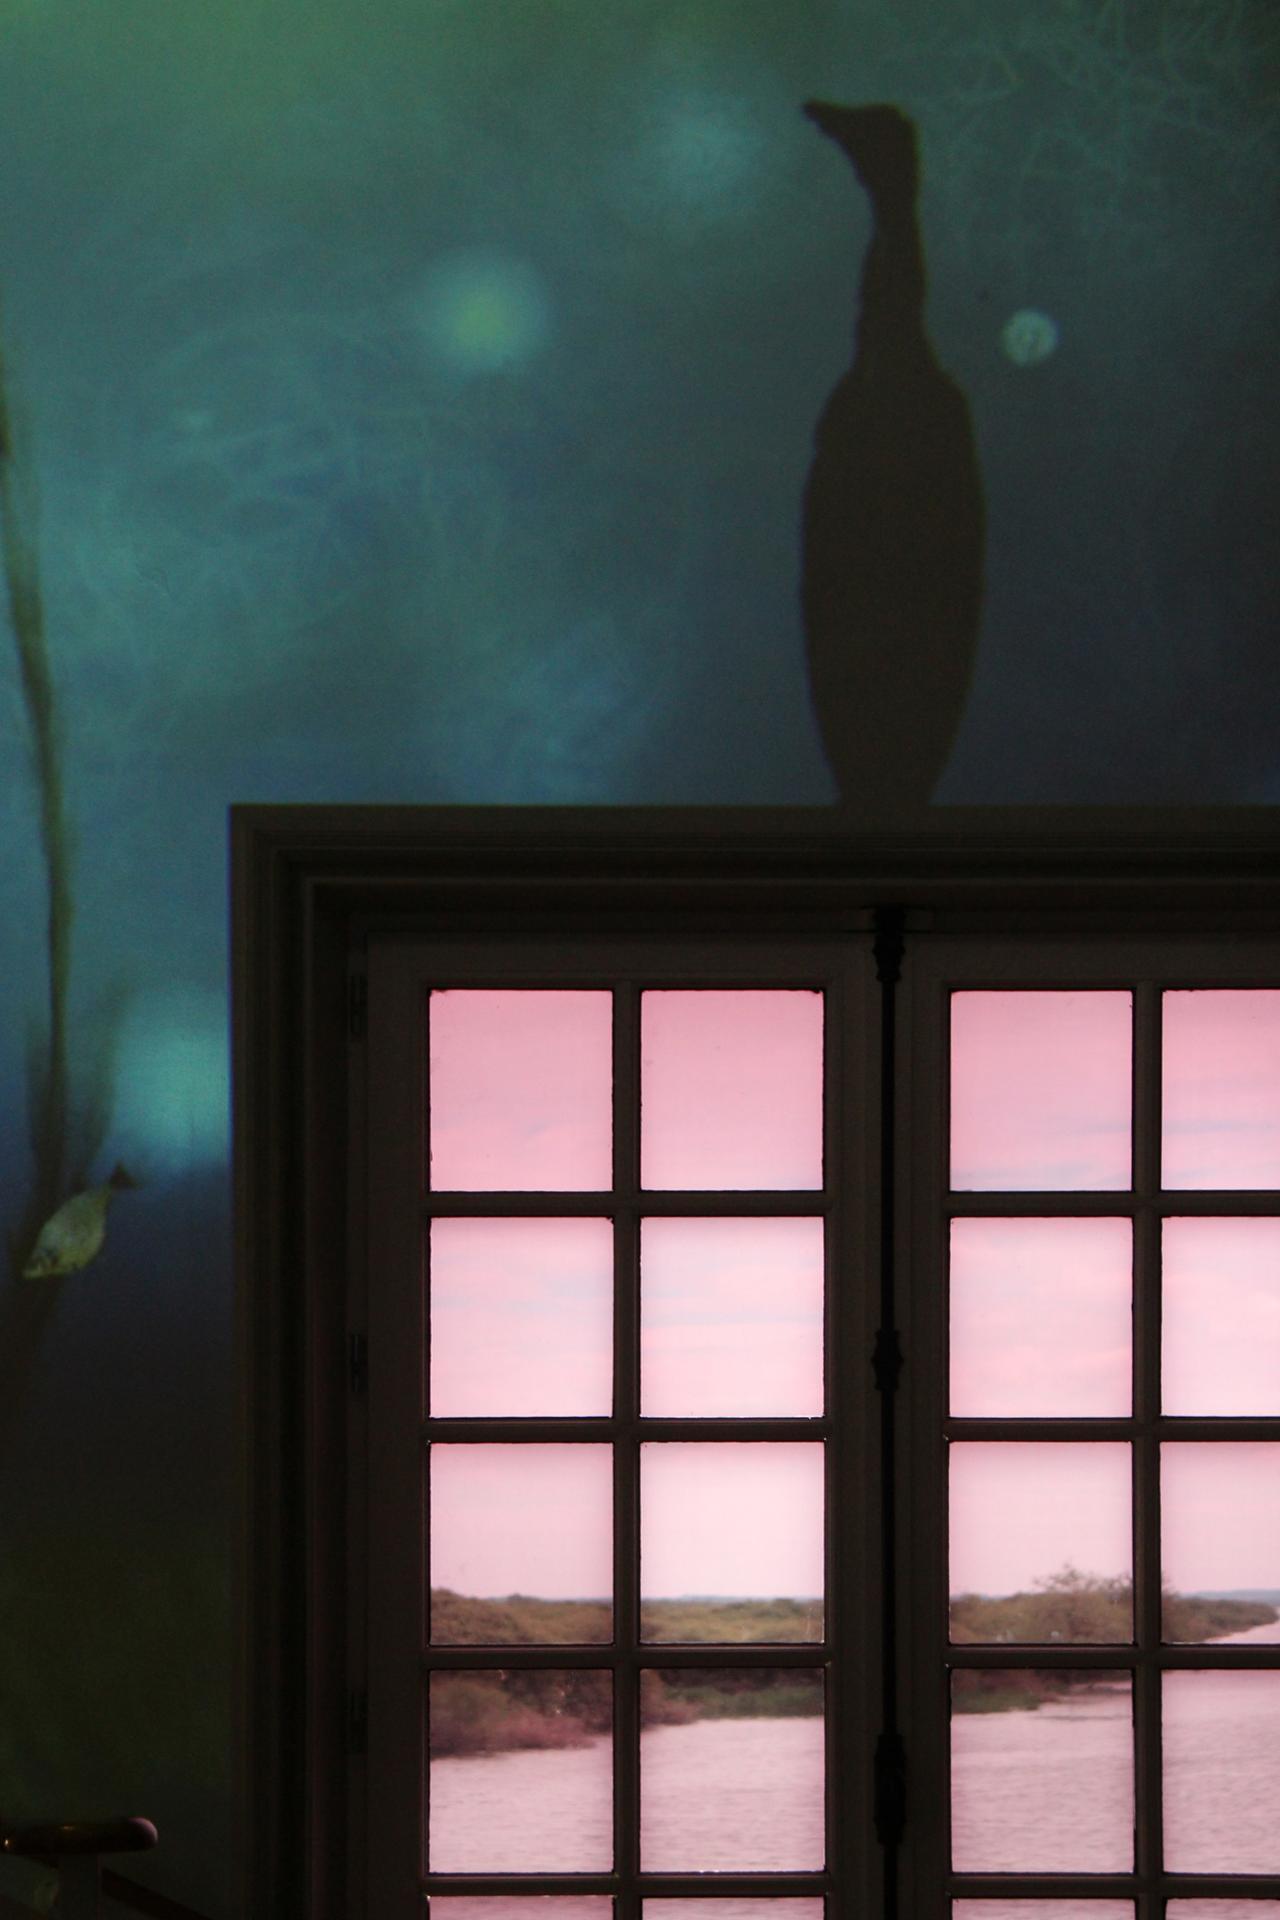 Sur une fenêtre perché (pavillon Guerlain - Maison du lac de Grand-Lieu - Bouaye)